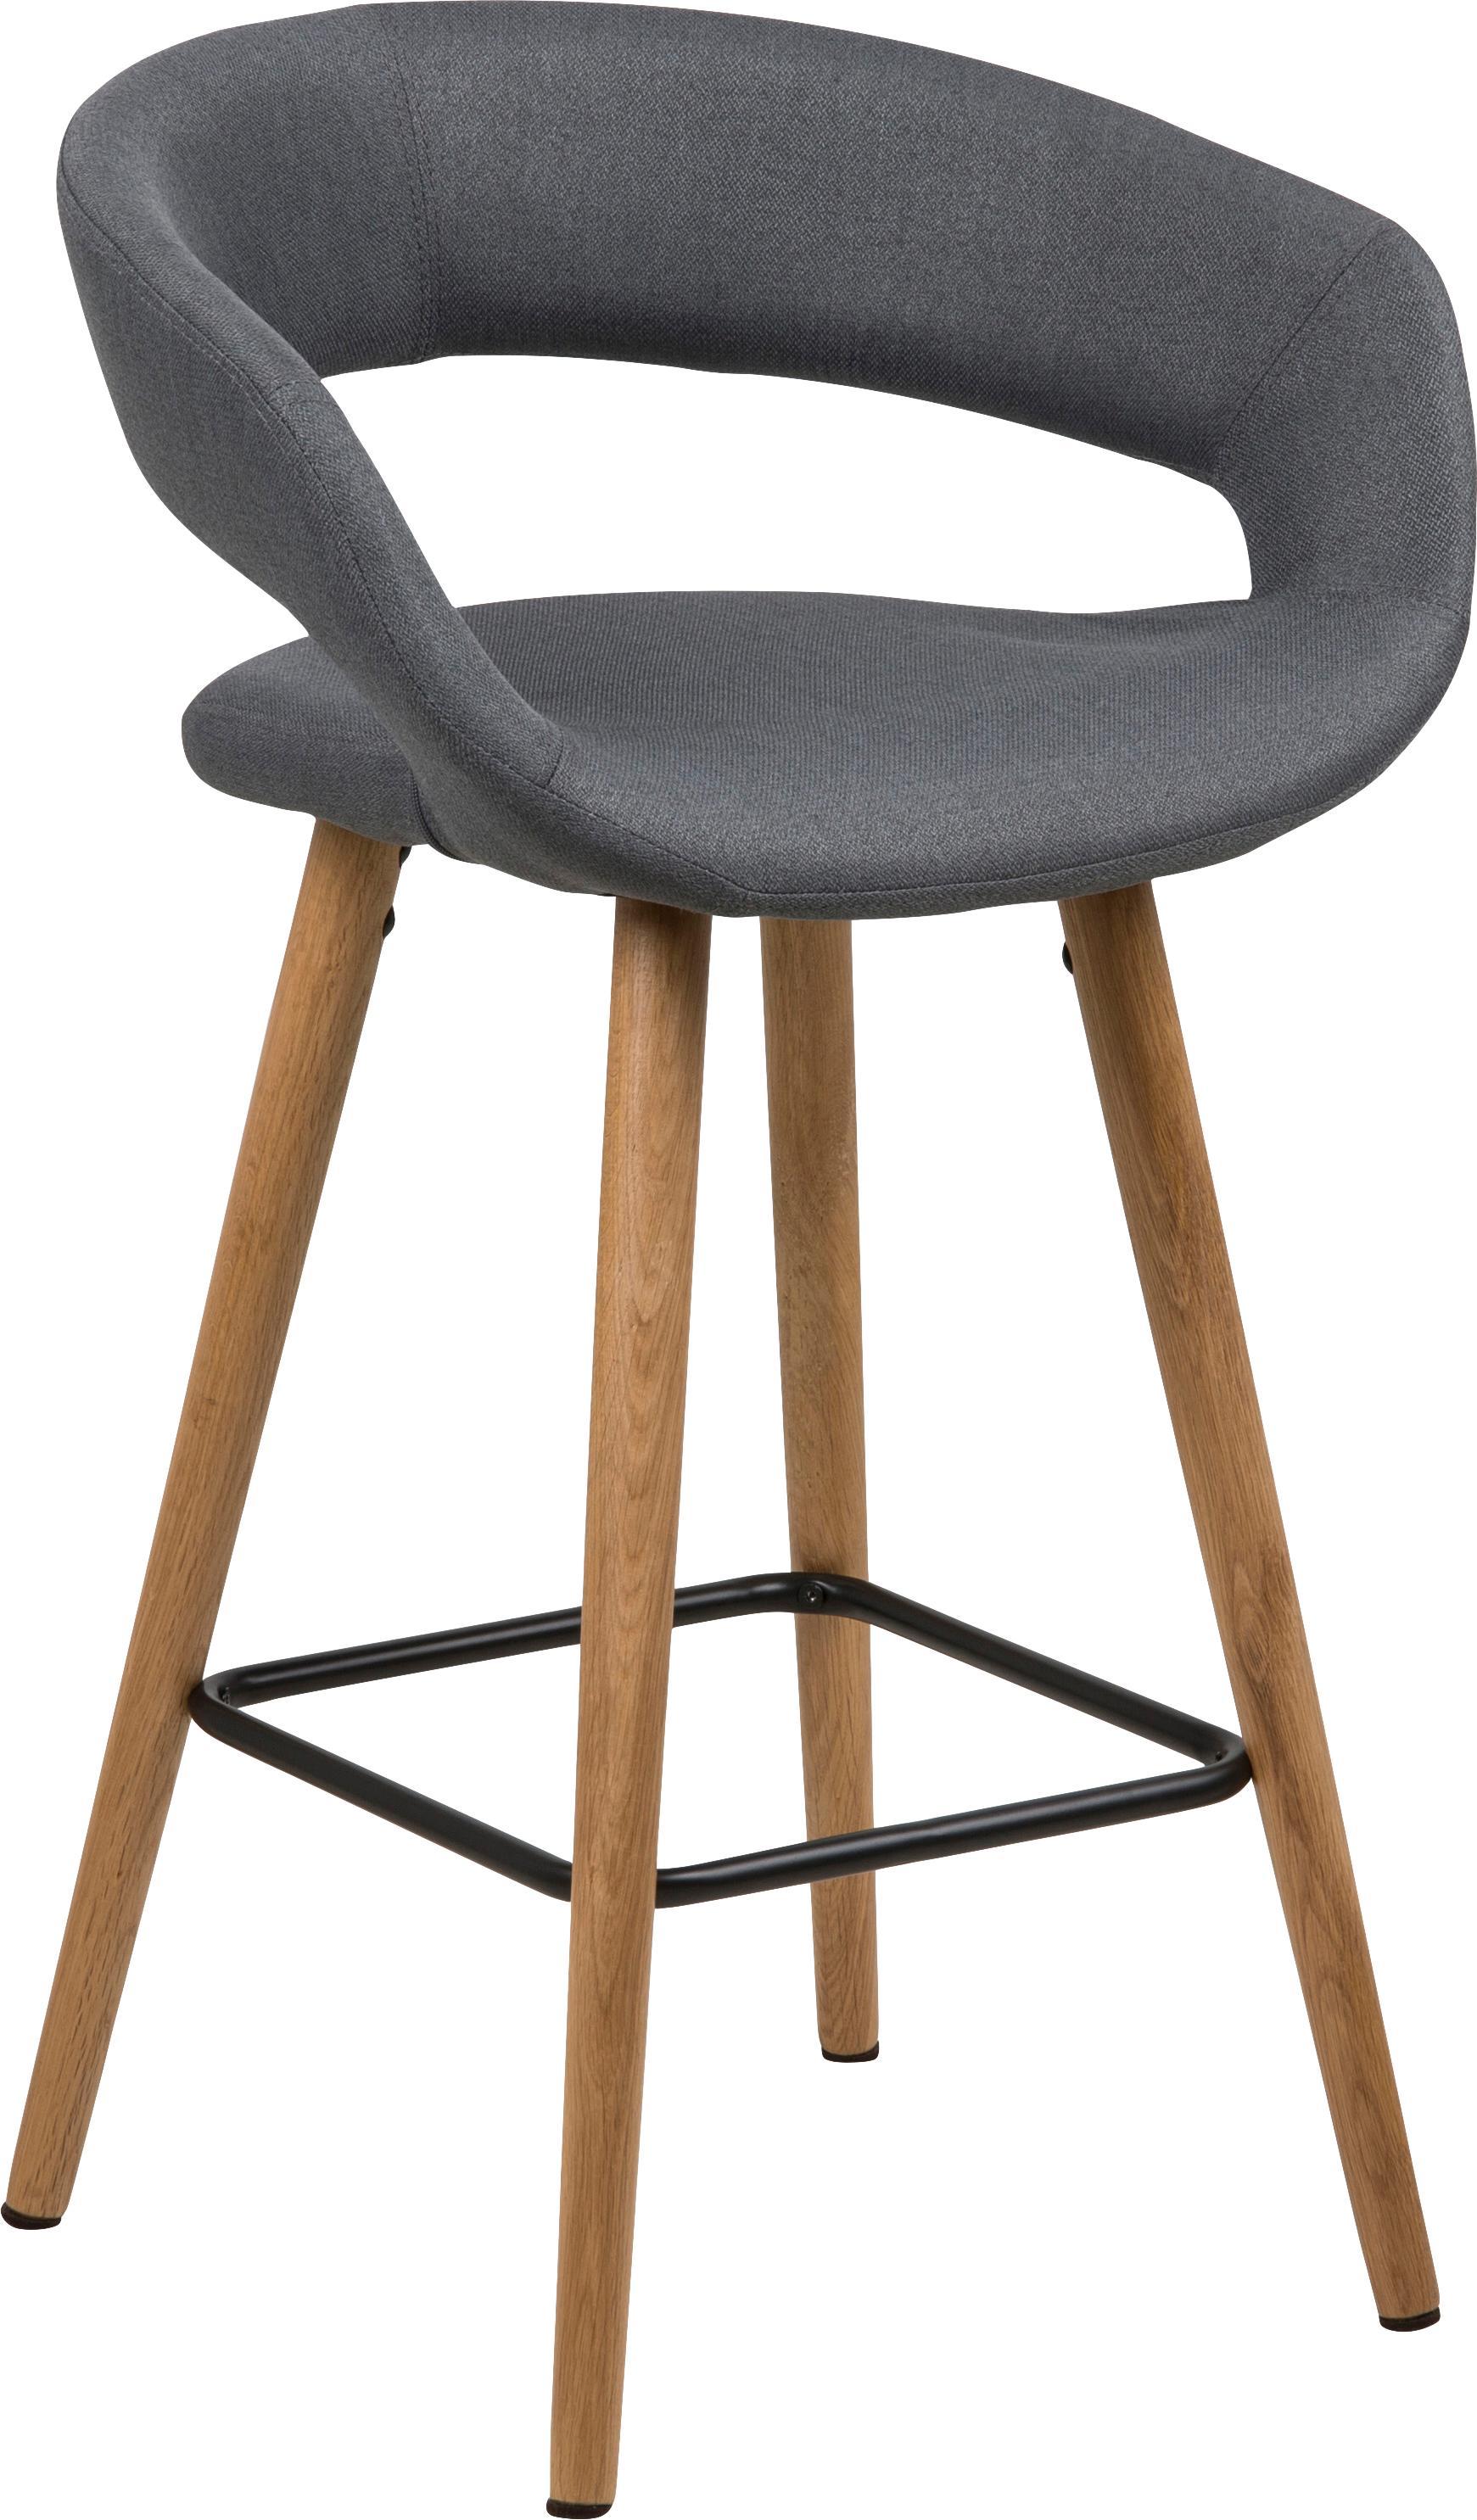 Krzesło kontuarowe Grace, 2 szt., Tapicerka: poliester, Nogi: drewno dębowe, olejowane, Tapicerka: ciemnyszary Nogi: drewno dębowe Podnóżek: czarny, S 56 x W 87 cm